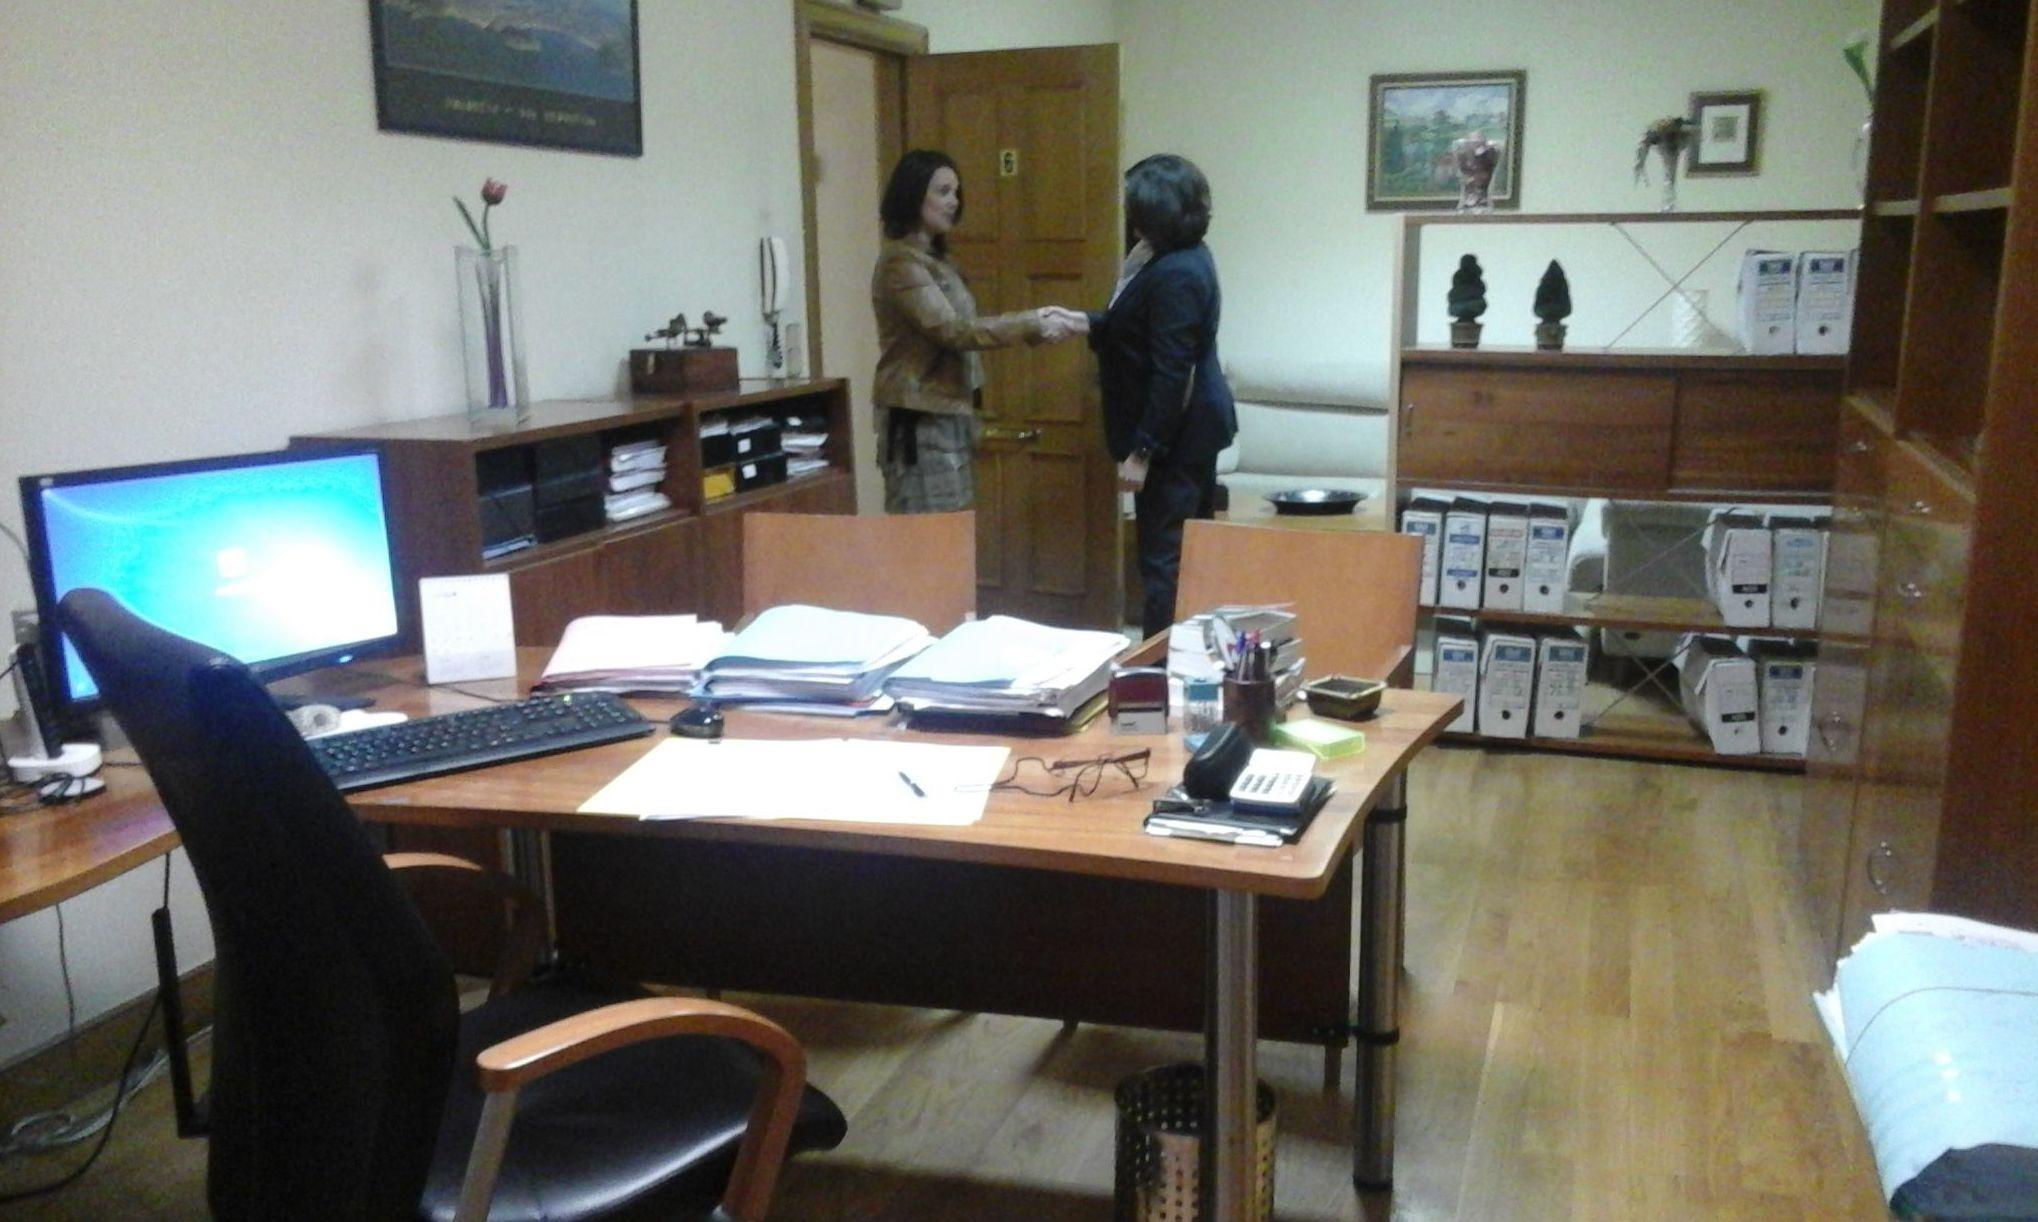 Foto 4 de Abogados en Donostia | Despacho de Abogados Charo Díaz García